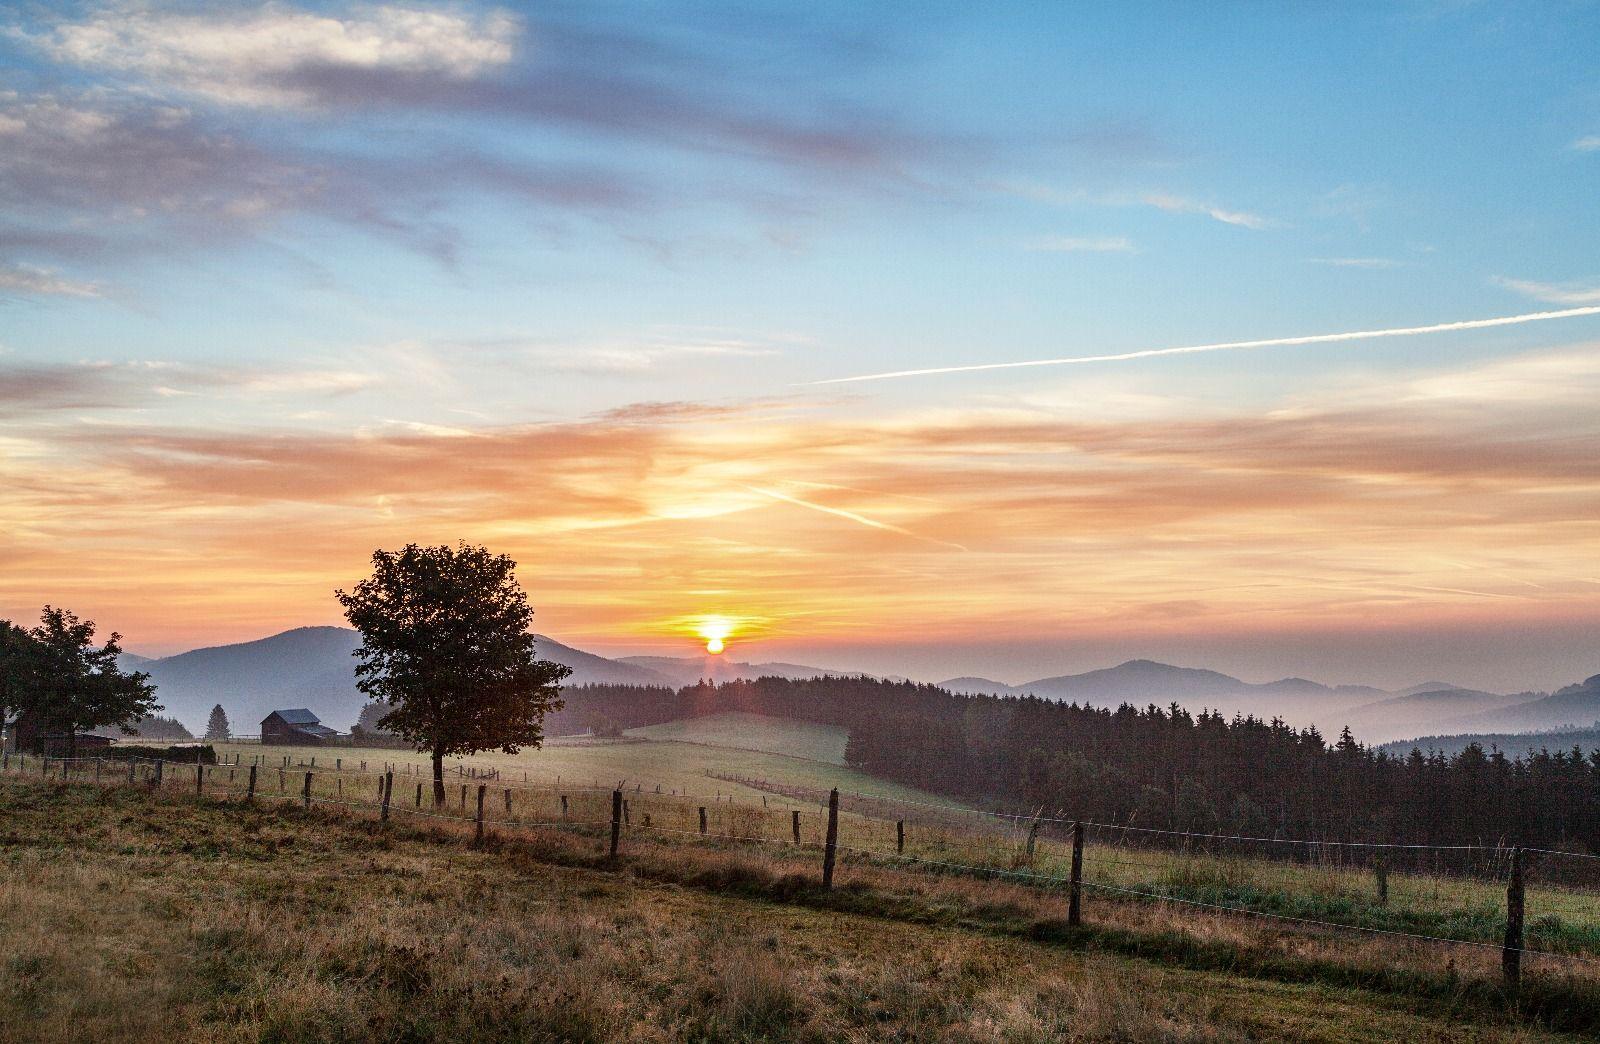 Sonnenuntergang mit Blick auf die Winterberger Hügellandschaft